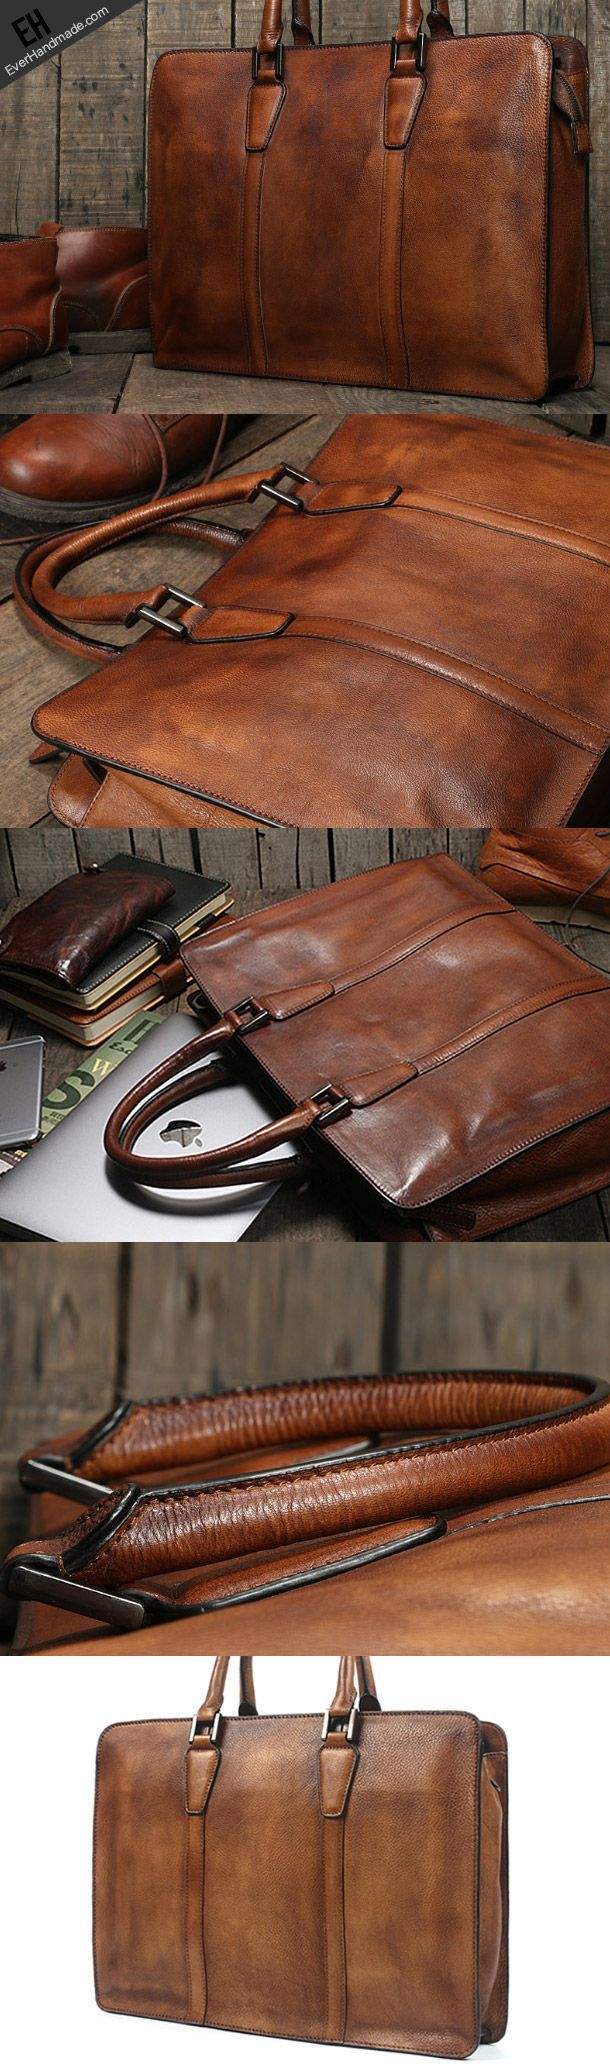 Handmade leather men Briefcase messenger large vintage shoulder laptop bag vintage bag - bags, sling, pack, shopping, school, diaper bag *ad